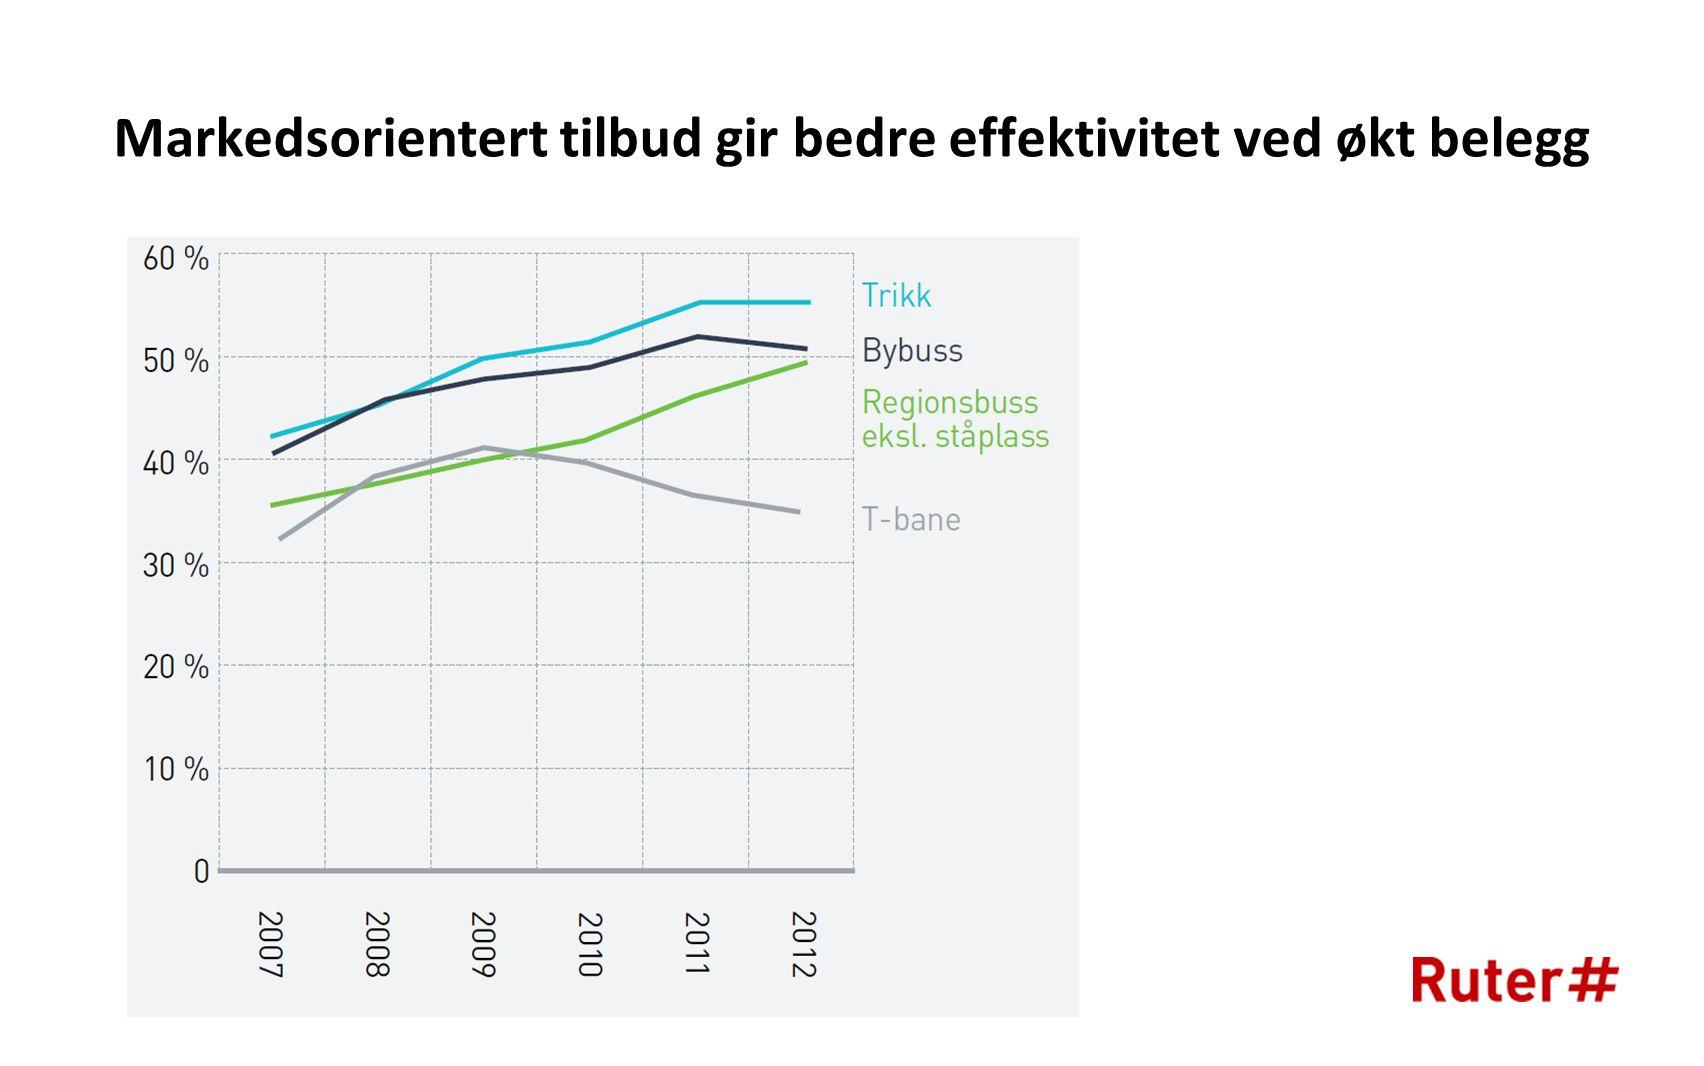 Markedsorientert tilbud gir bedre effektivitet ved økt belegg